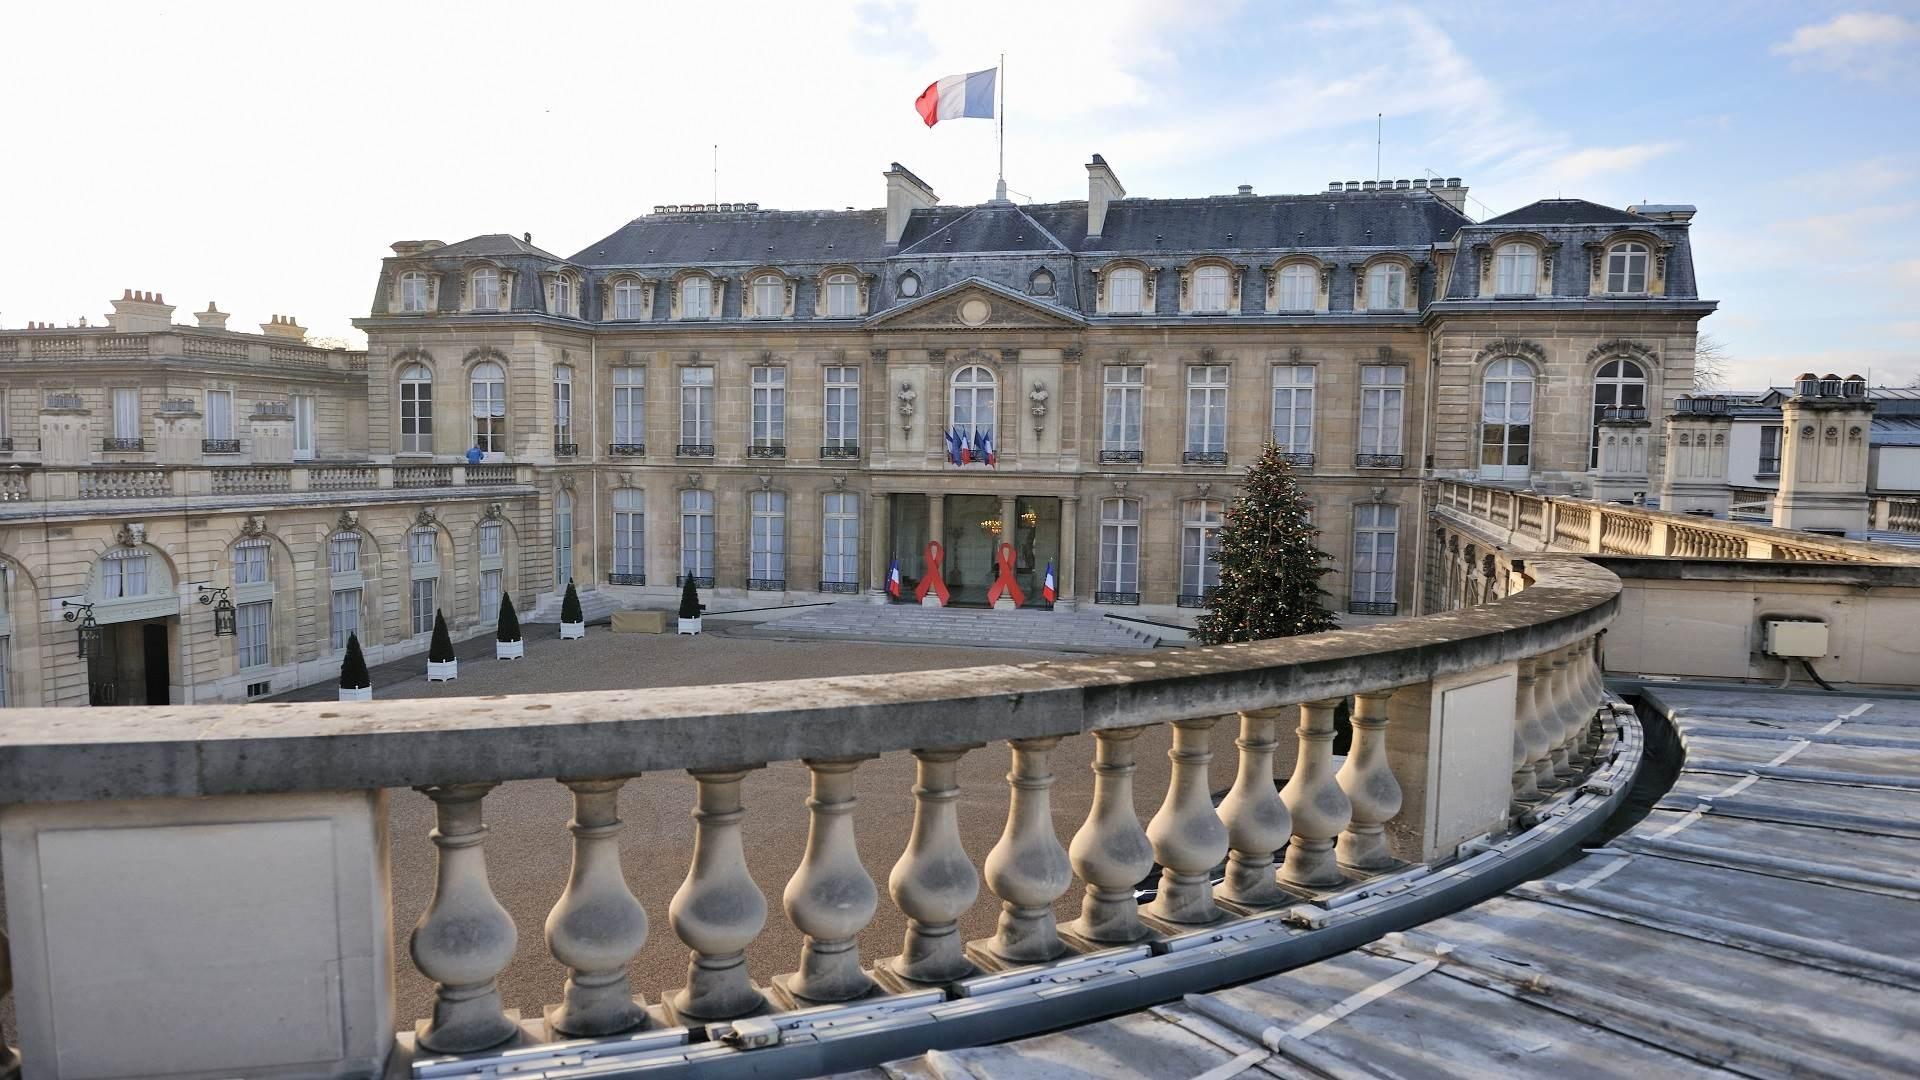 مسؤول فرنسي: فرنسا تعتقد بوجود أدلة كافية لافتراض أن انفجار بيروت كان حادثاً